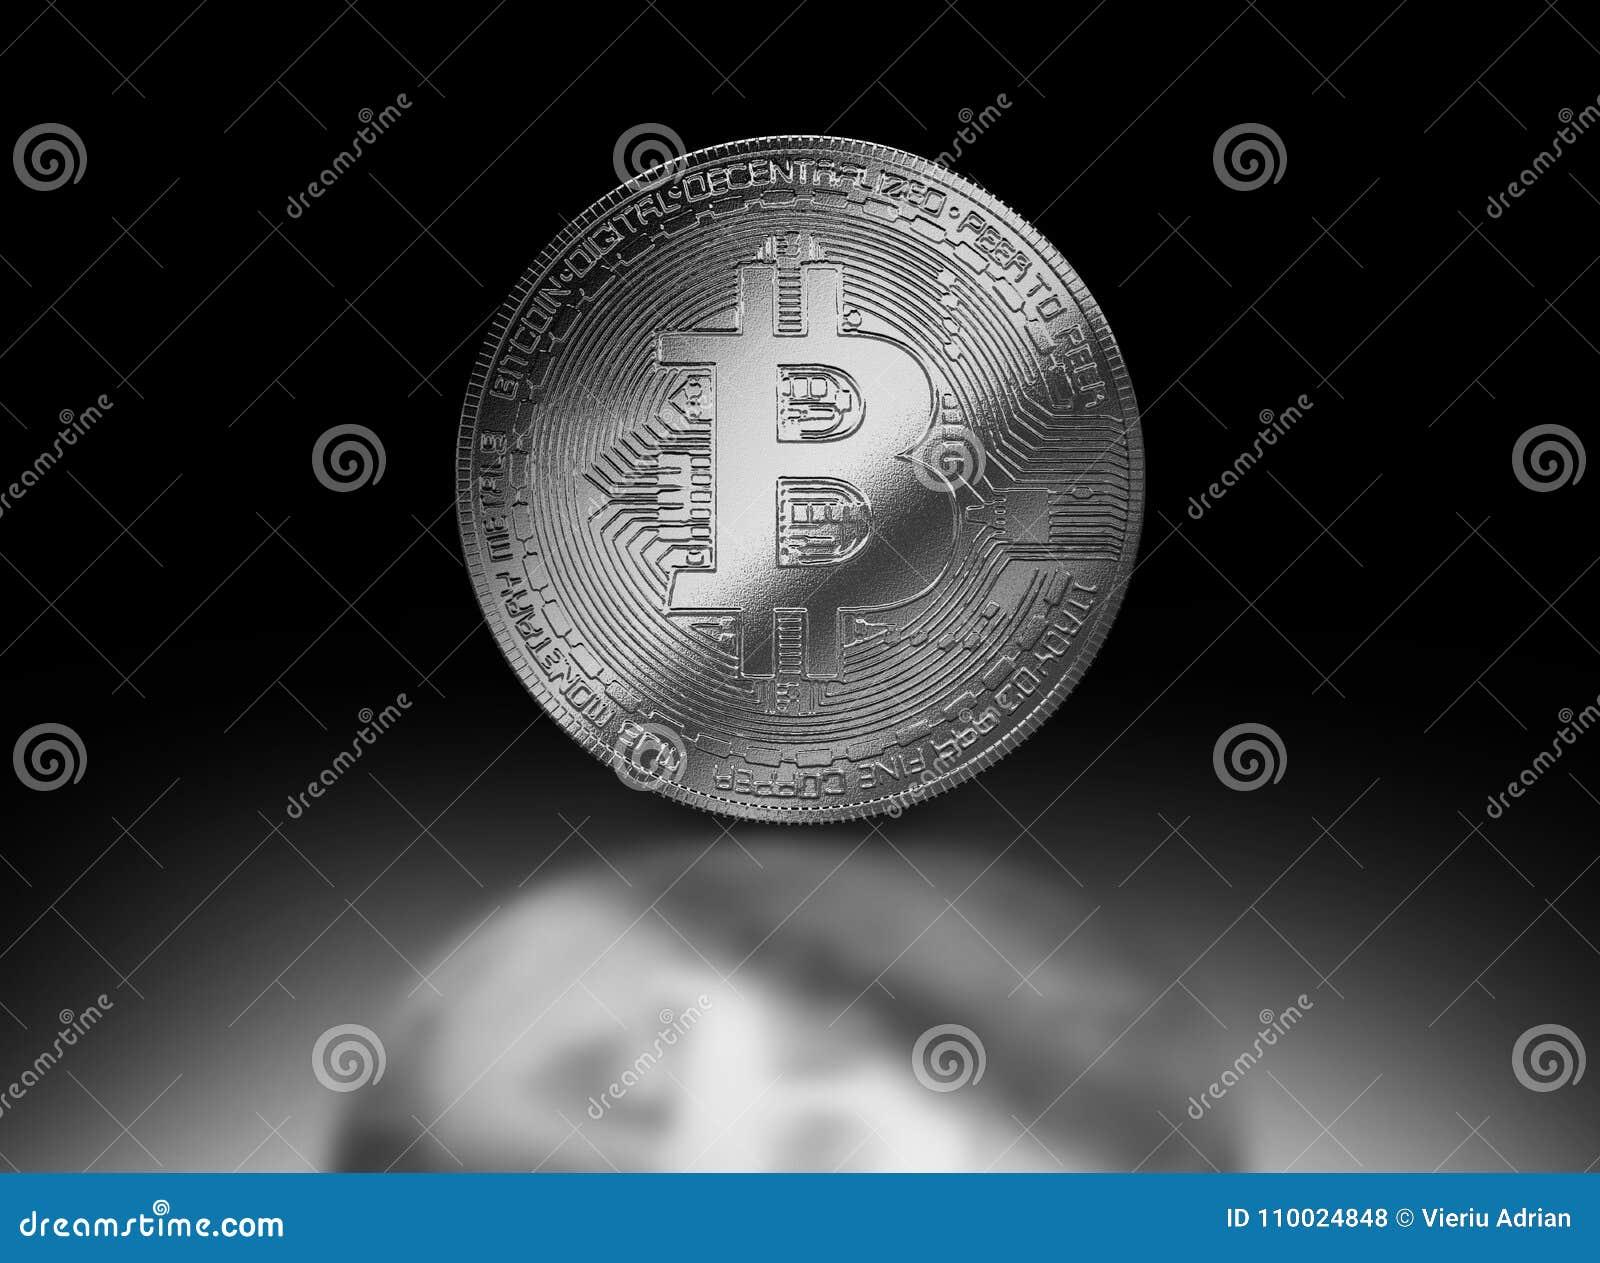 Cryptocurrencyillustratie van het Bitcoin zilveren muntstuk